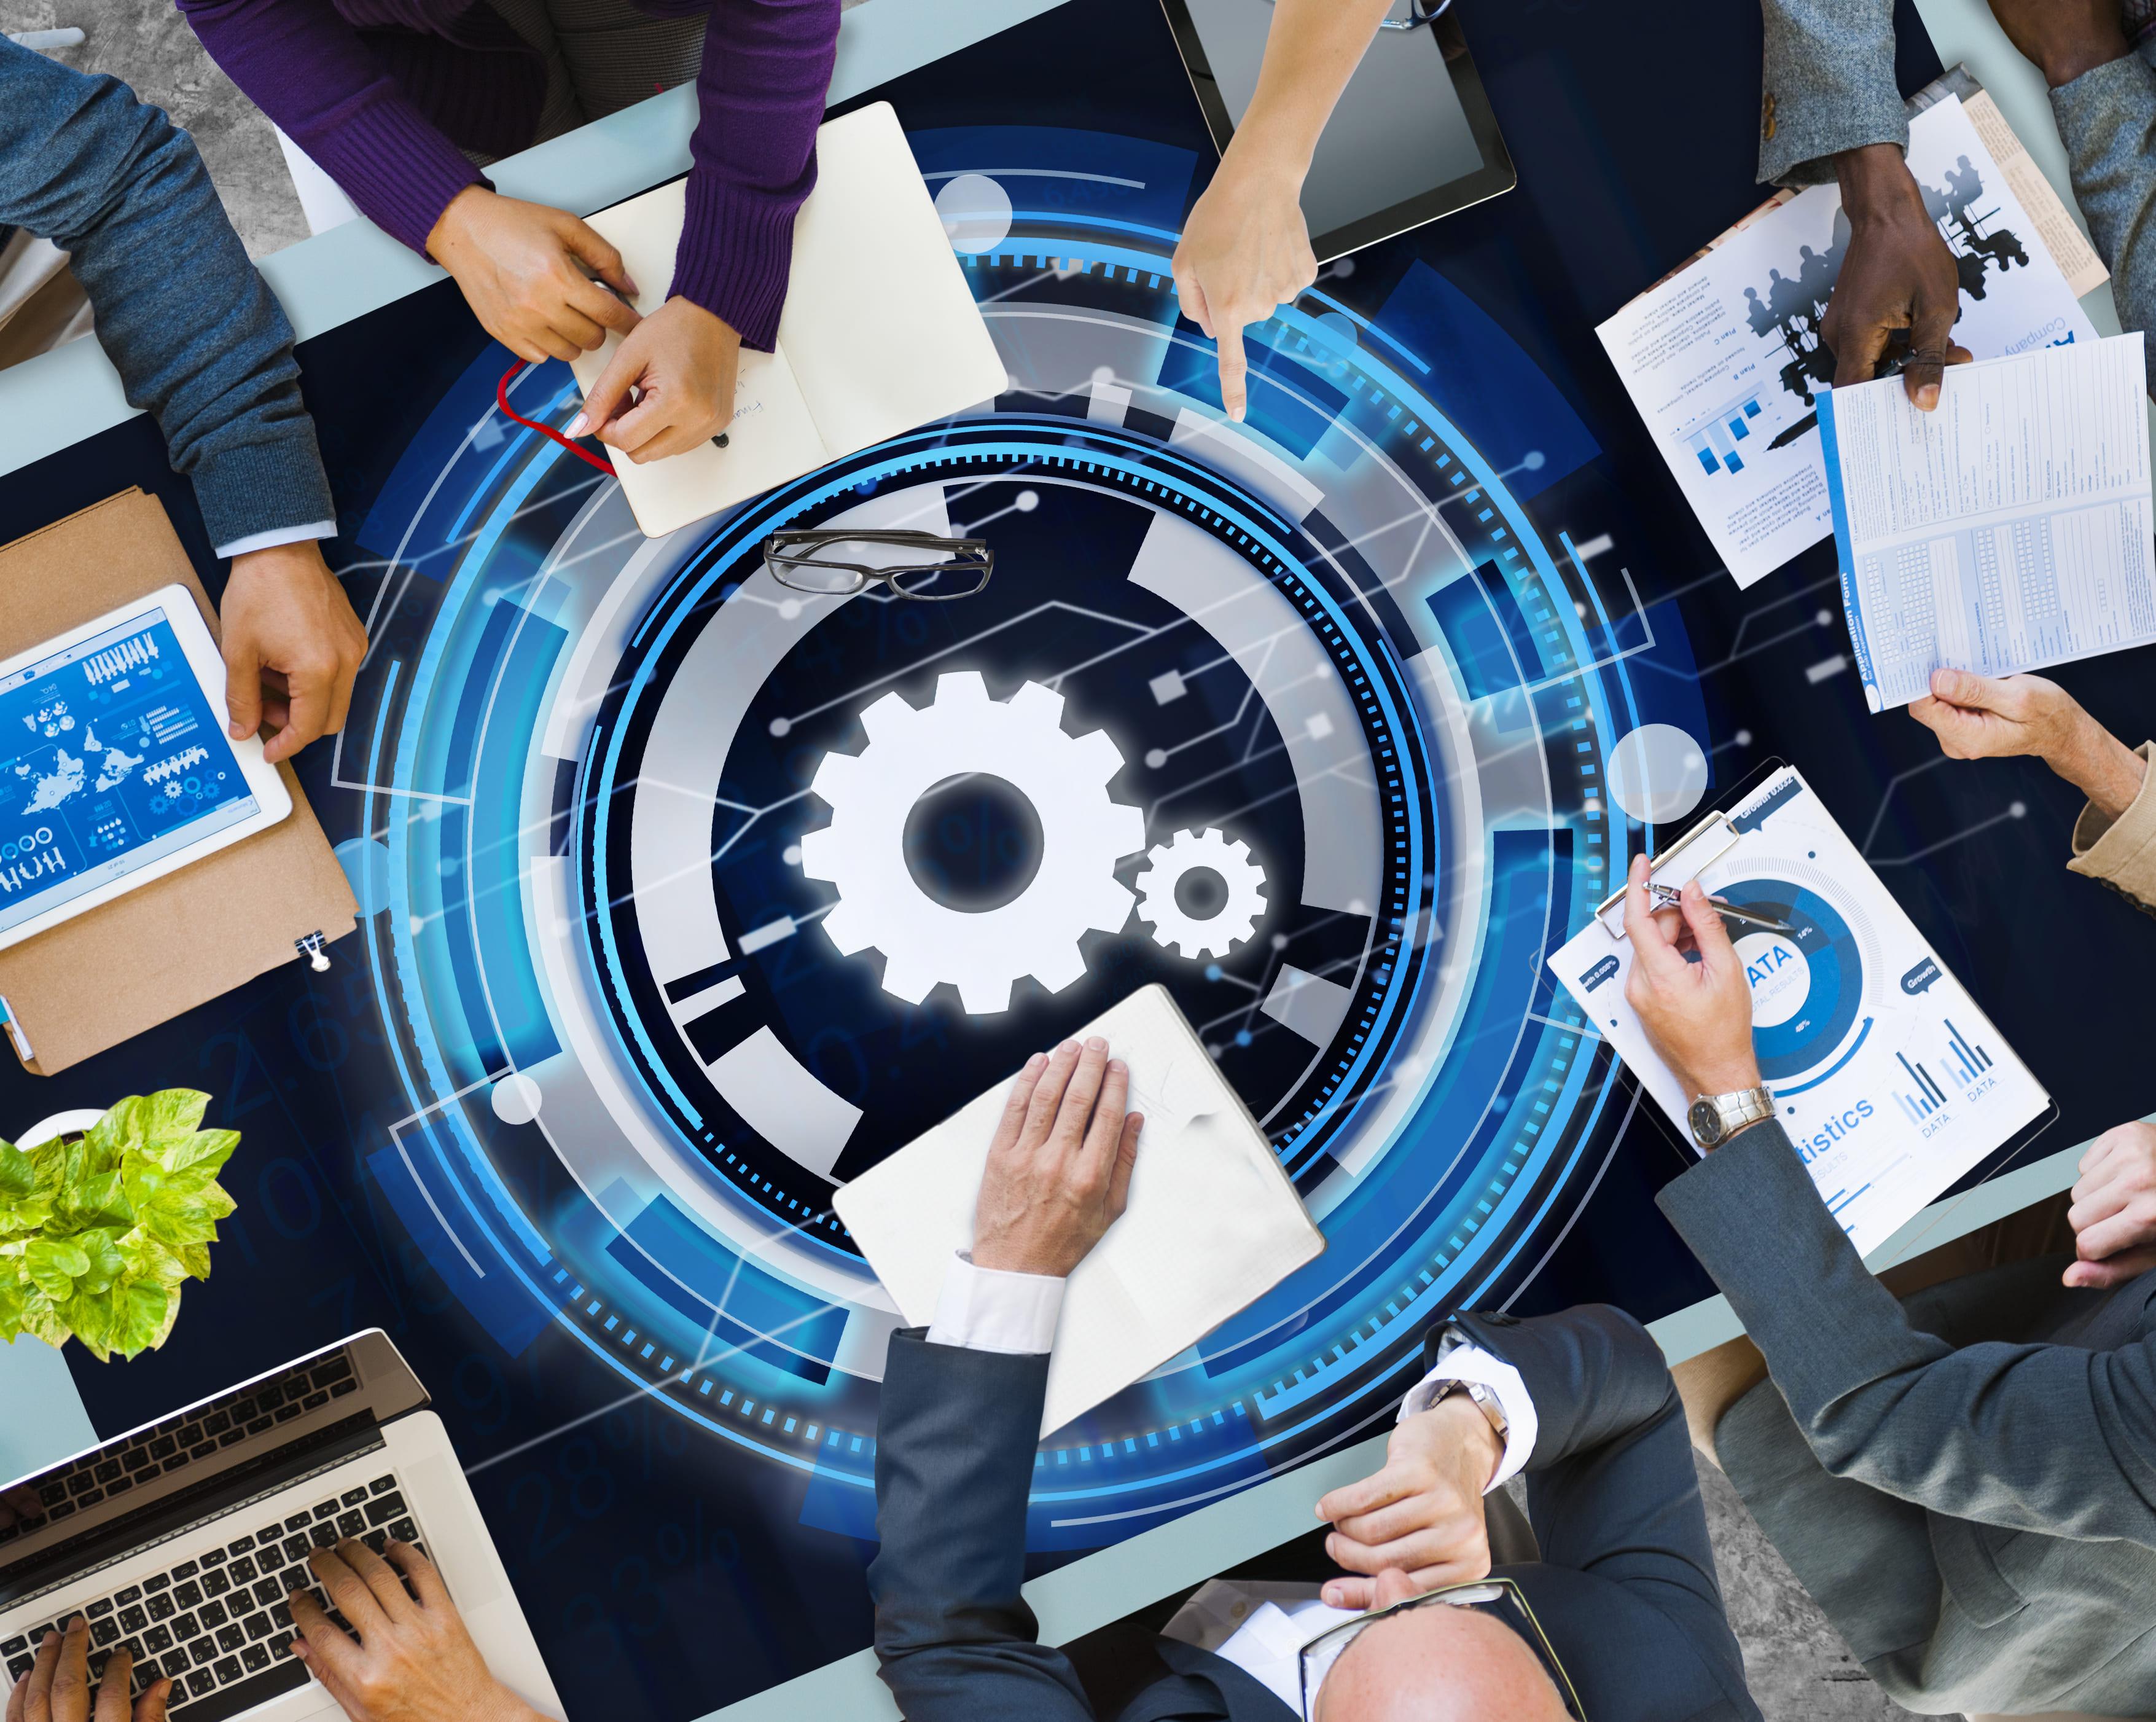 Imagem que representa todos os setores de uma empresa integrados por um sistema de automação empresarial